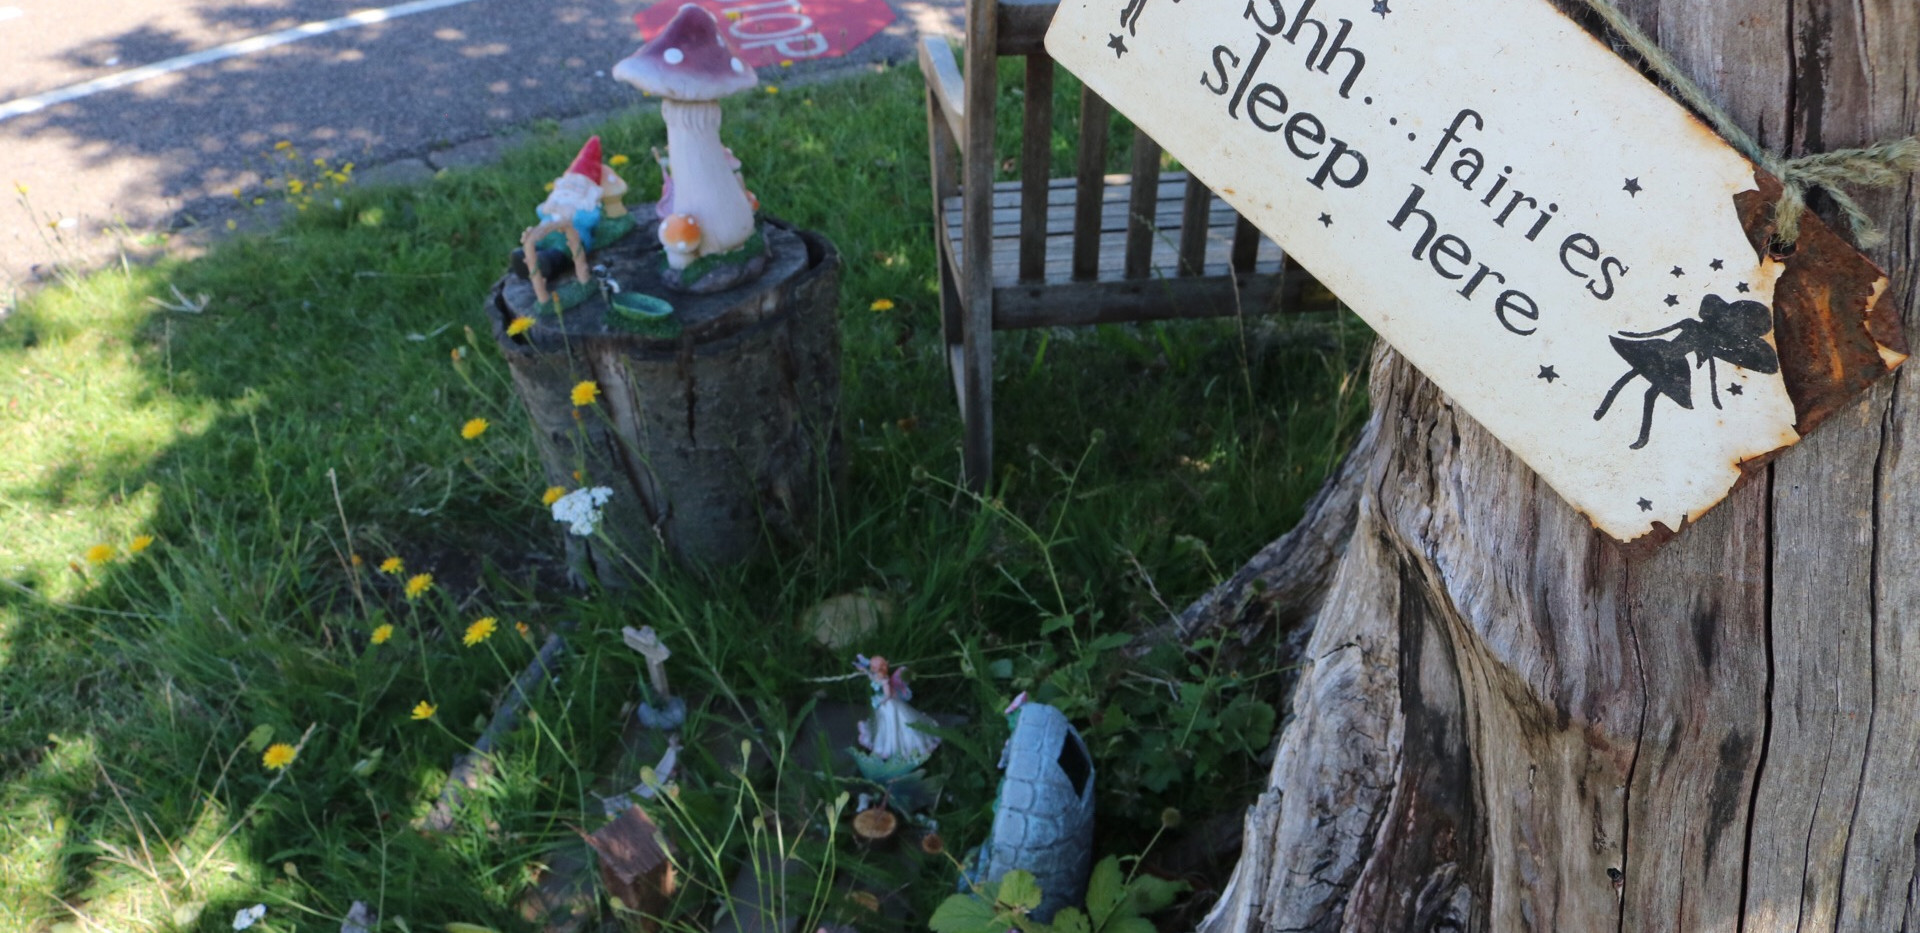 Where our fairies live